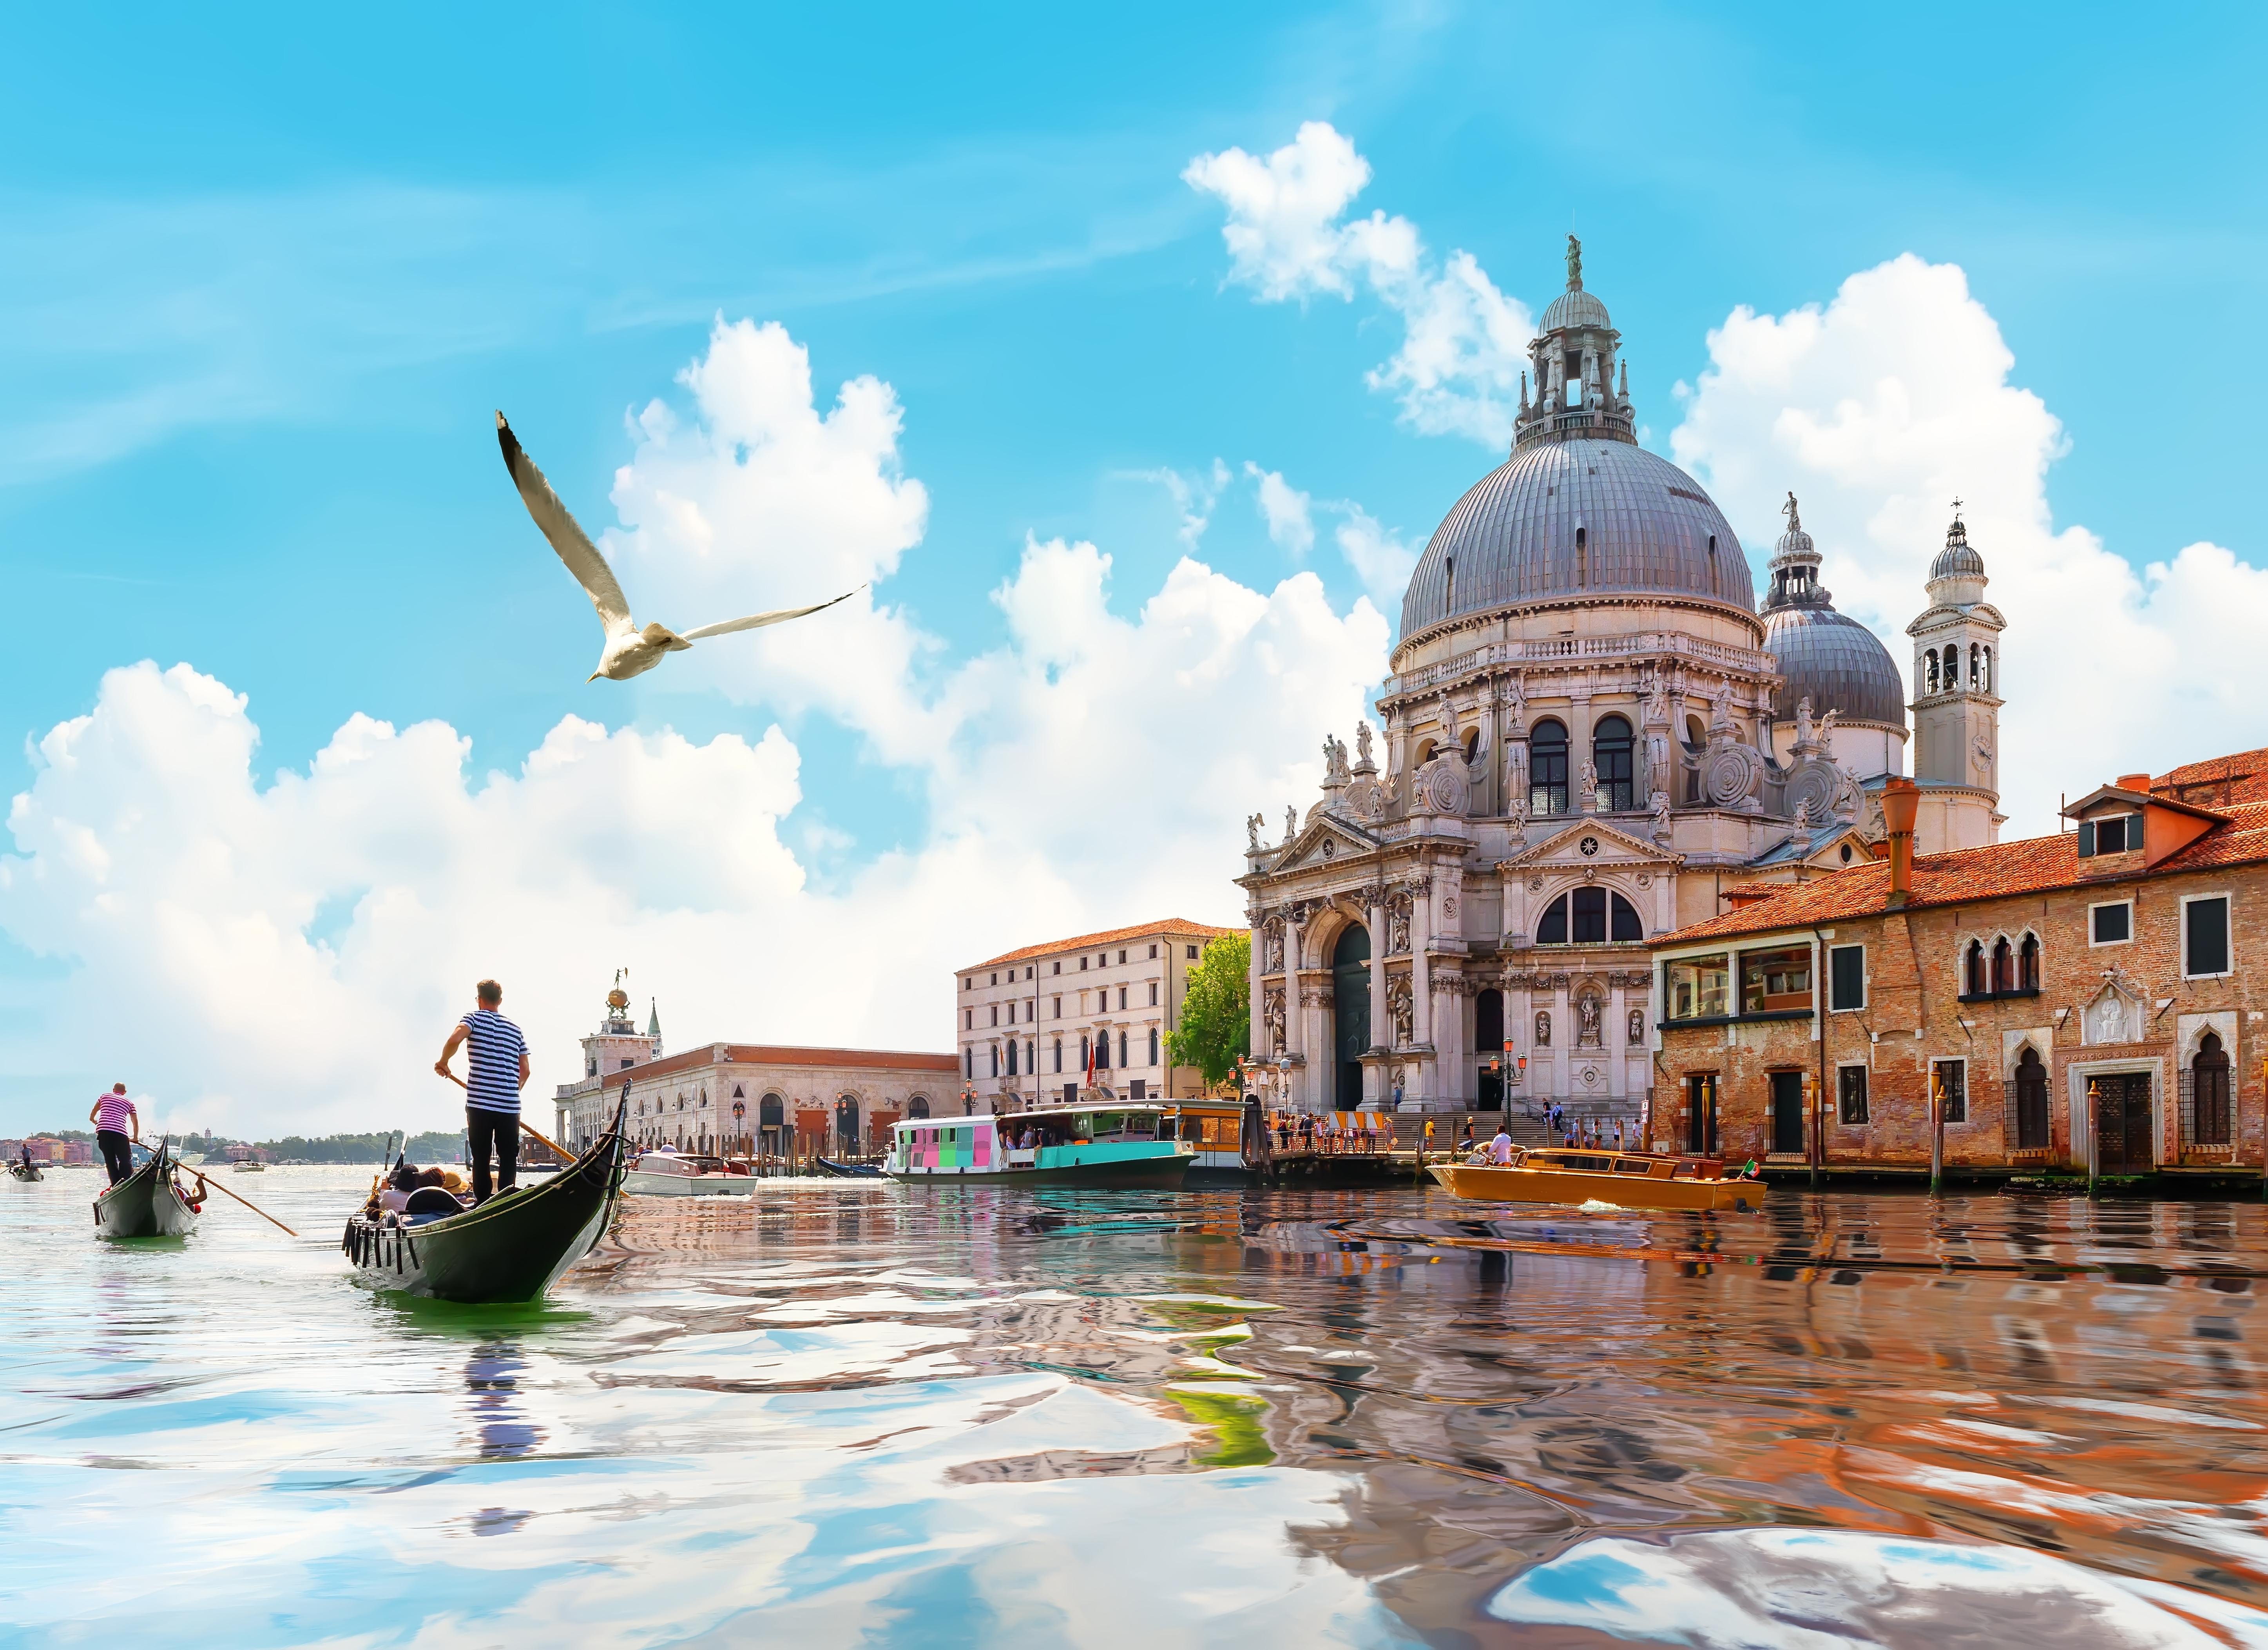 Гранд-канал в Венеции, в Италии, куда можно переехать из стран СНГ